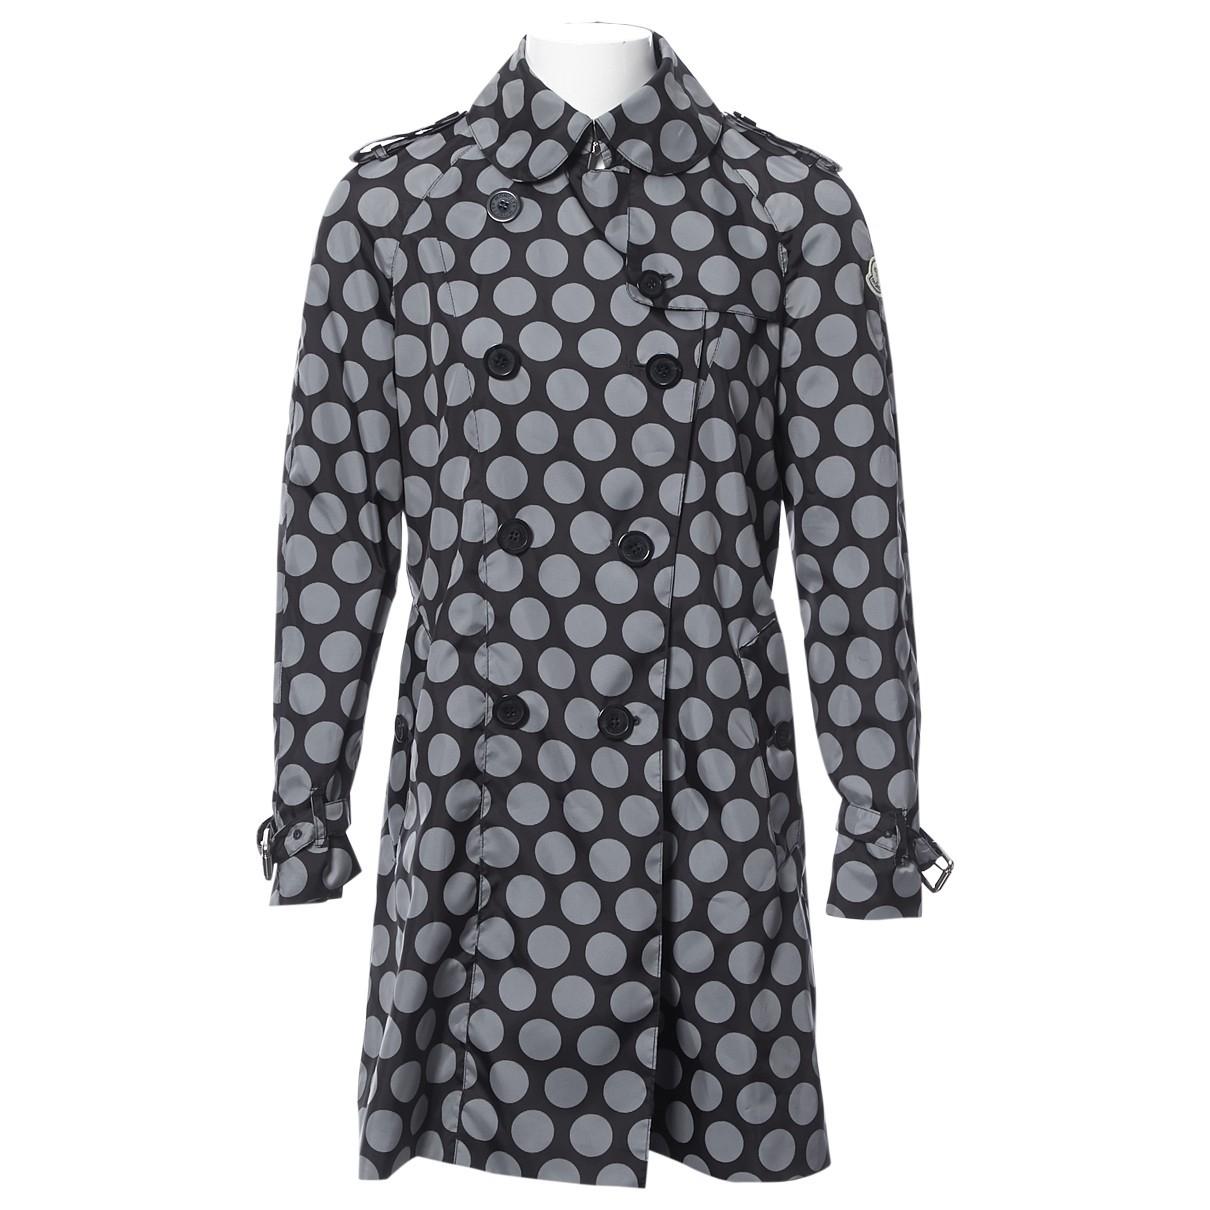 Moncler \N Black jacket for Women 1 0-5